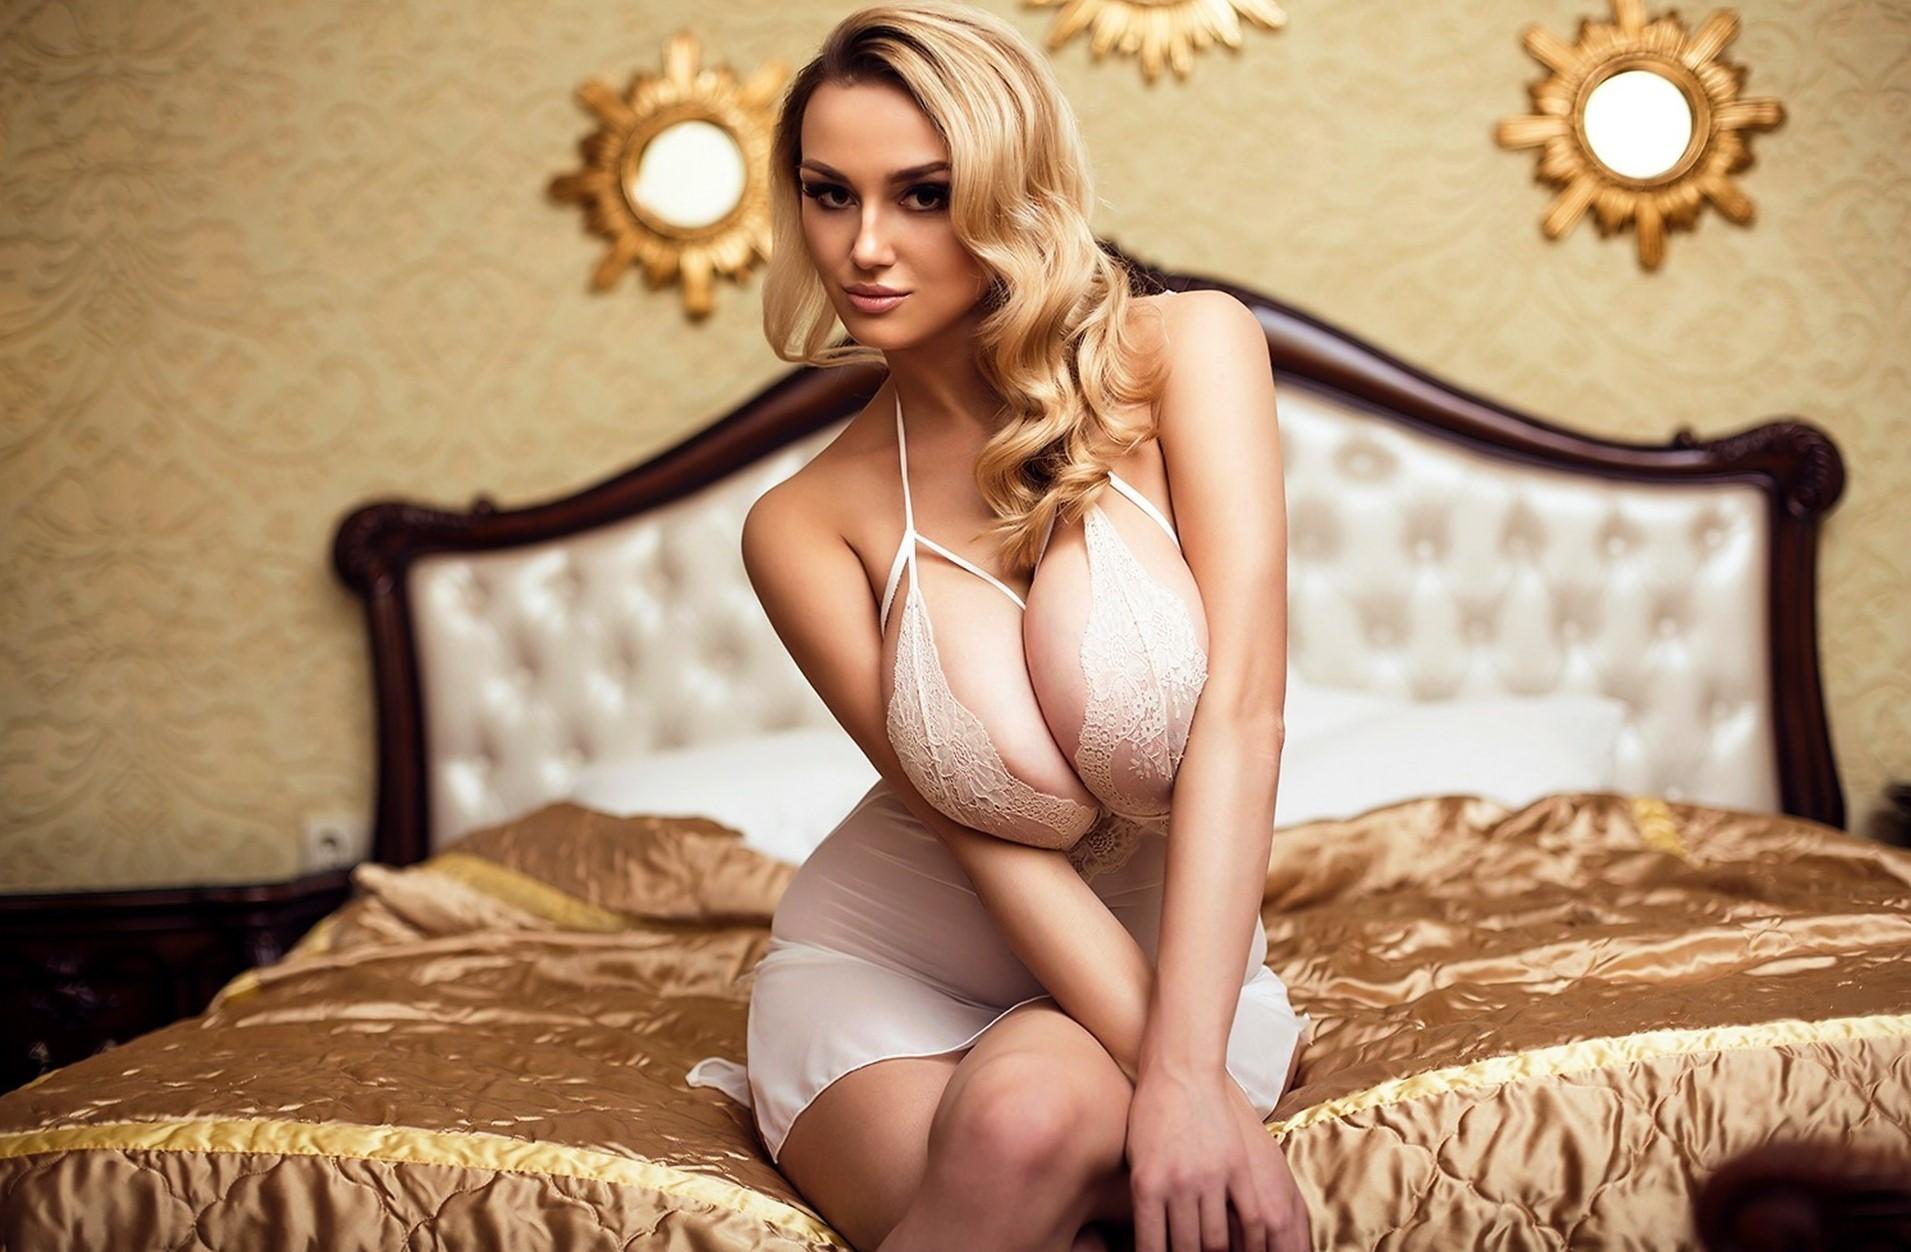 seks-s-devushkoy-s-bolshoy-grudyu-onlayn